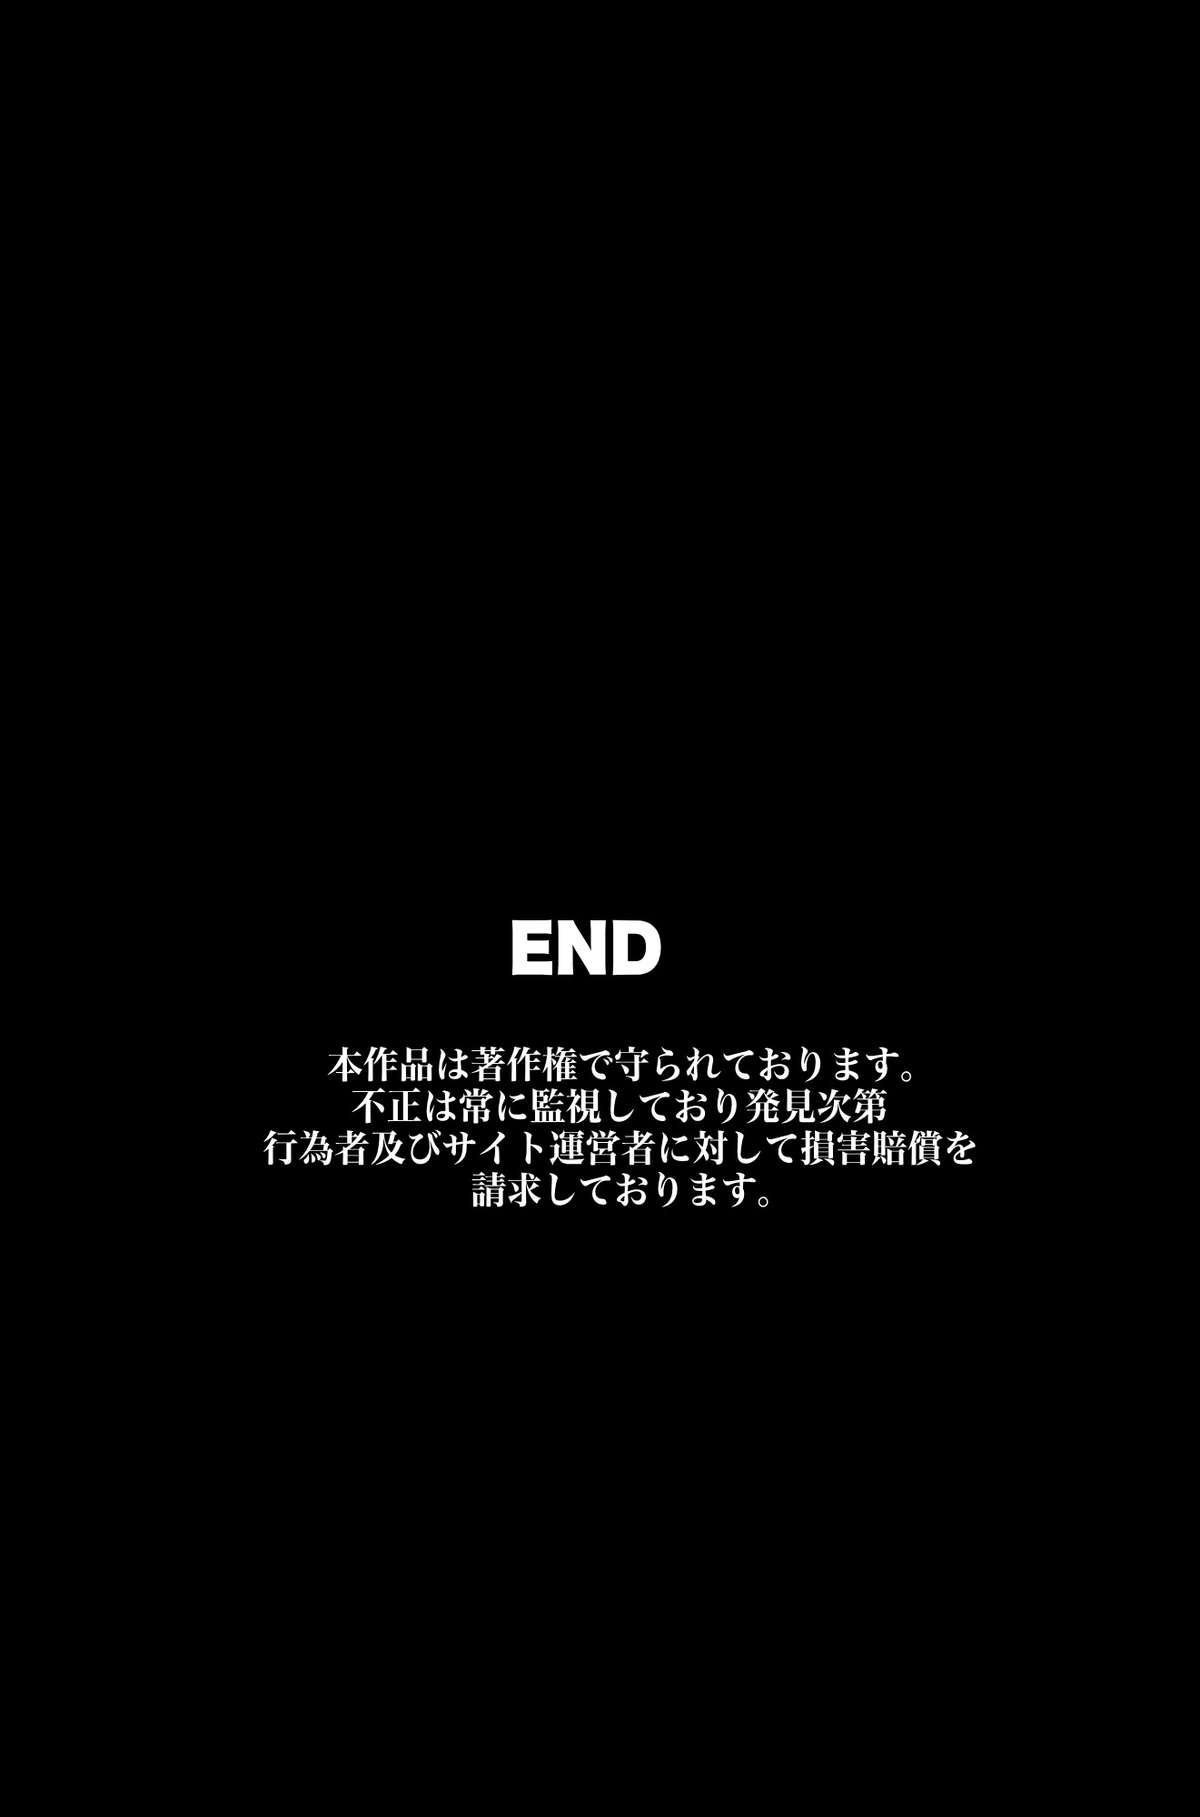 [rbooks (kumikouj)] Joshiryou no Onna-tachi ga Zombie-ka shita no de Hokaku shite Okashimakutte Ore dake no Juujun Pet ni Shite mita 127